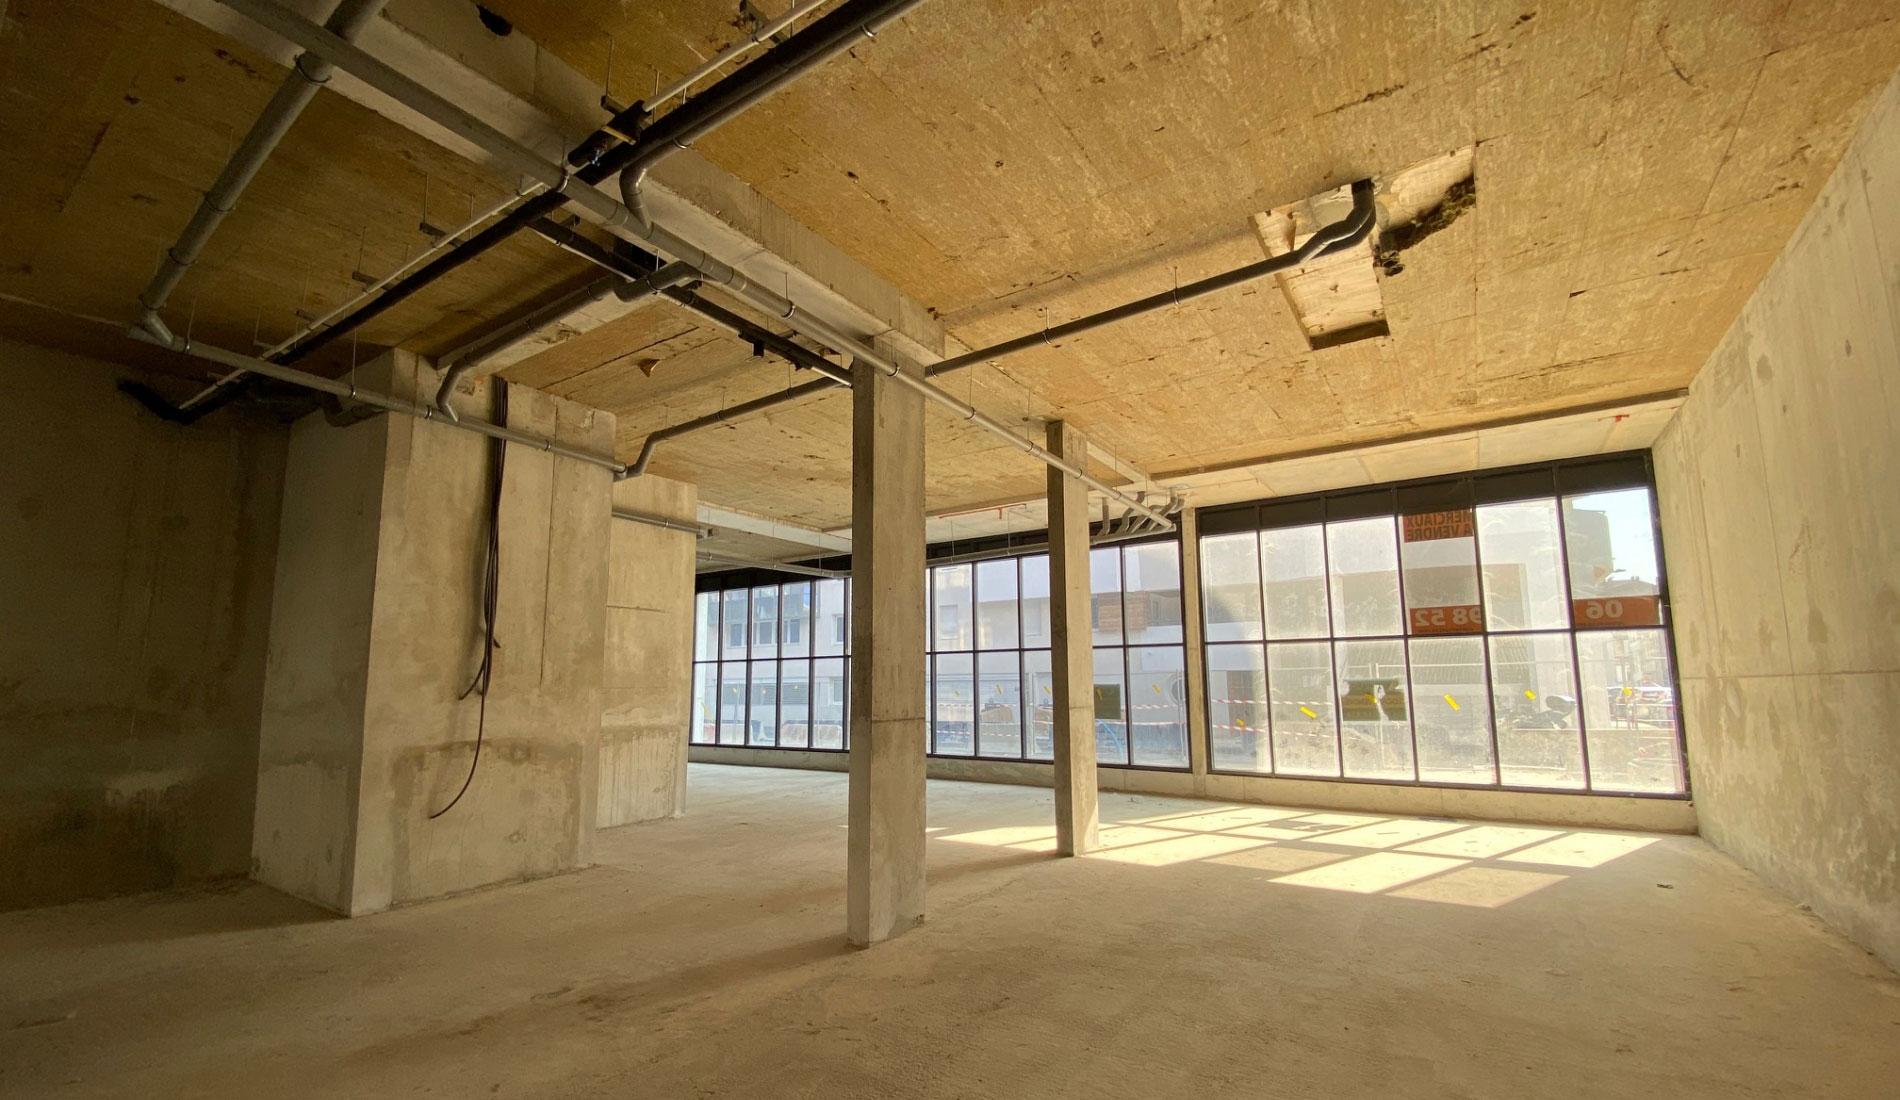 Choississez votre appartement du 2 au 5 pi ces immobilier for Achat appartement marseille vieux port